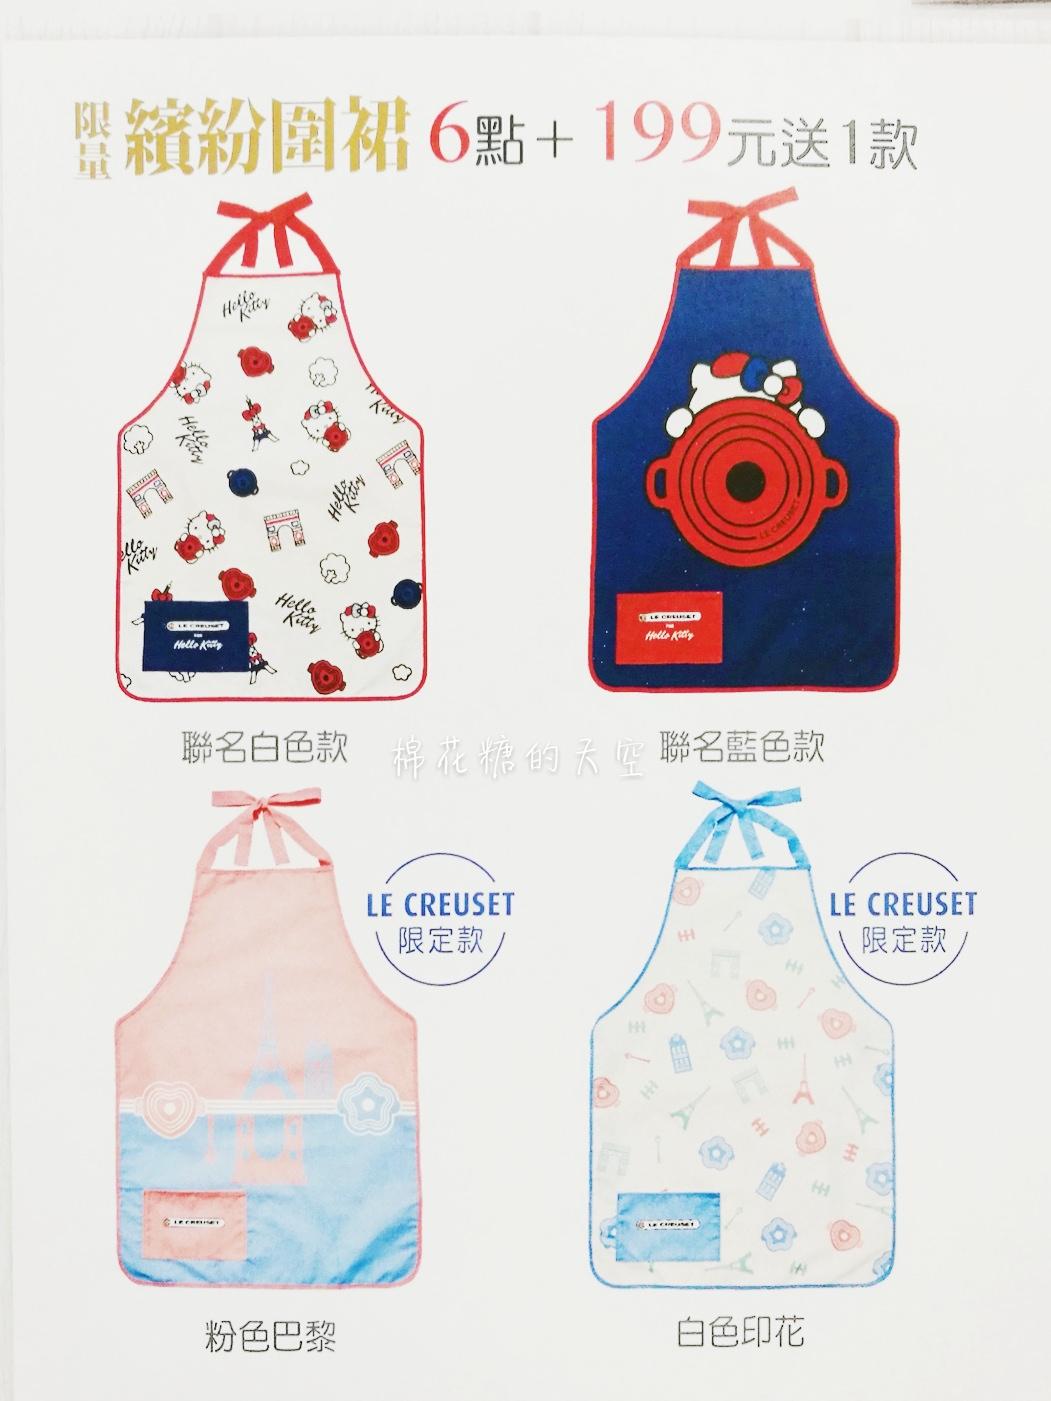 小七集點又找Le Creuset鑄鐵鍋來助陣!這次還有Hello Kitty聯名商品唷!〈文內有鍋具開箱〉